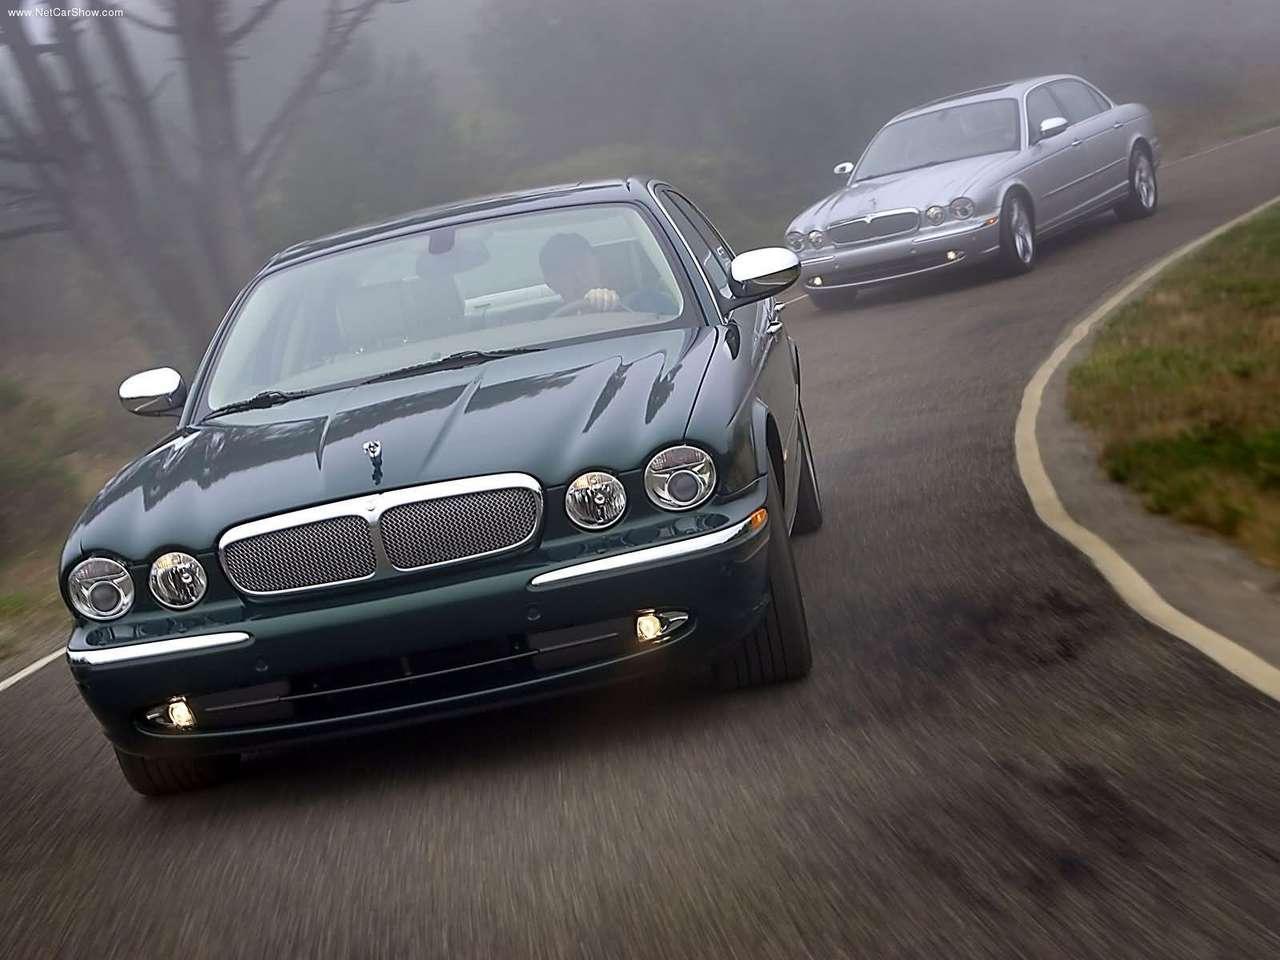 http://2.bp.blogspot.com/-PvzQcn8Y6RQ/TZljuYqlibI/AAAAAAAACfs/zo1vJf9EQA4/s1600/Jaguar-XJ_Super_V8_2005_1280x960_wallpaper_06.jpg